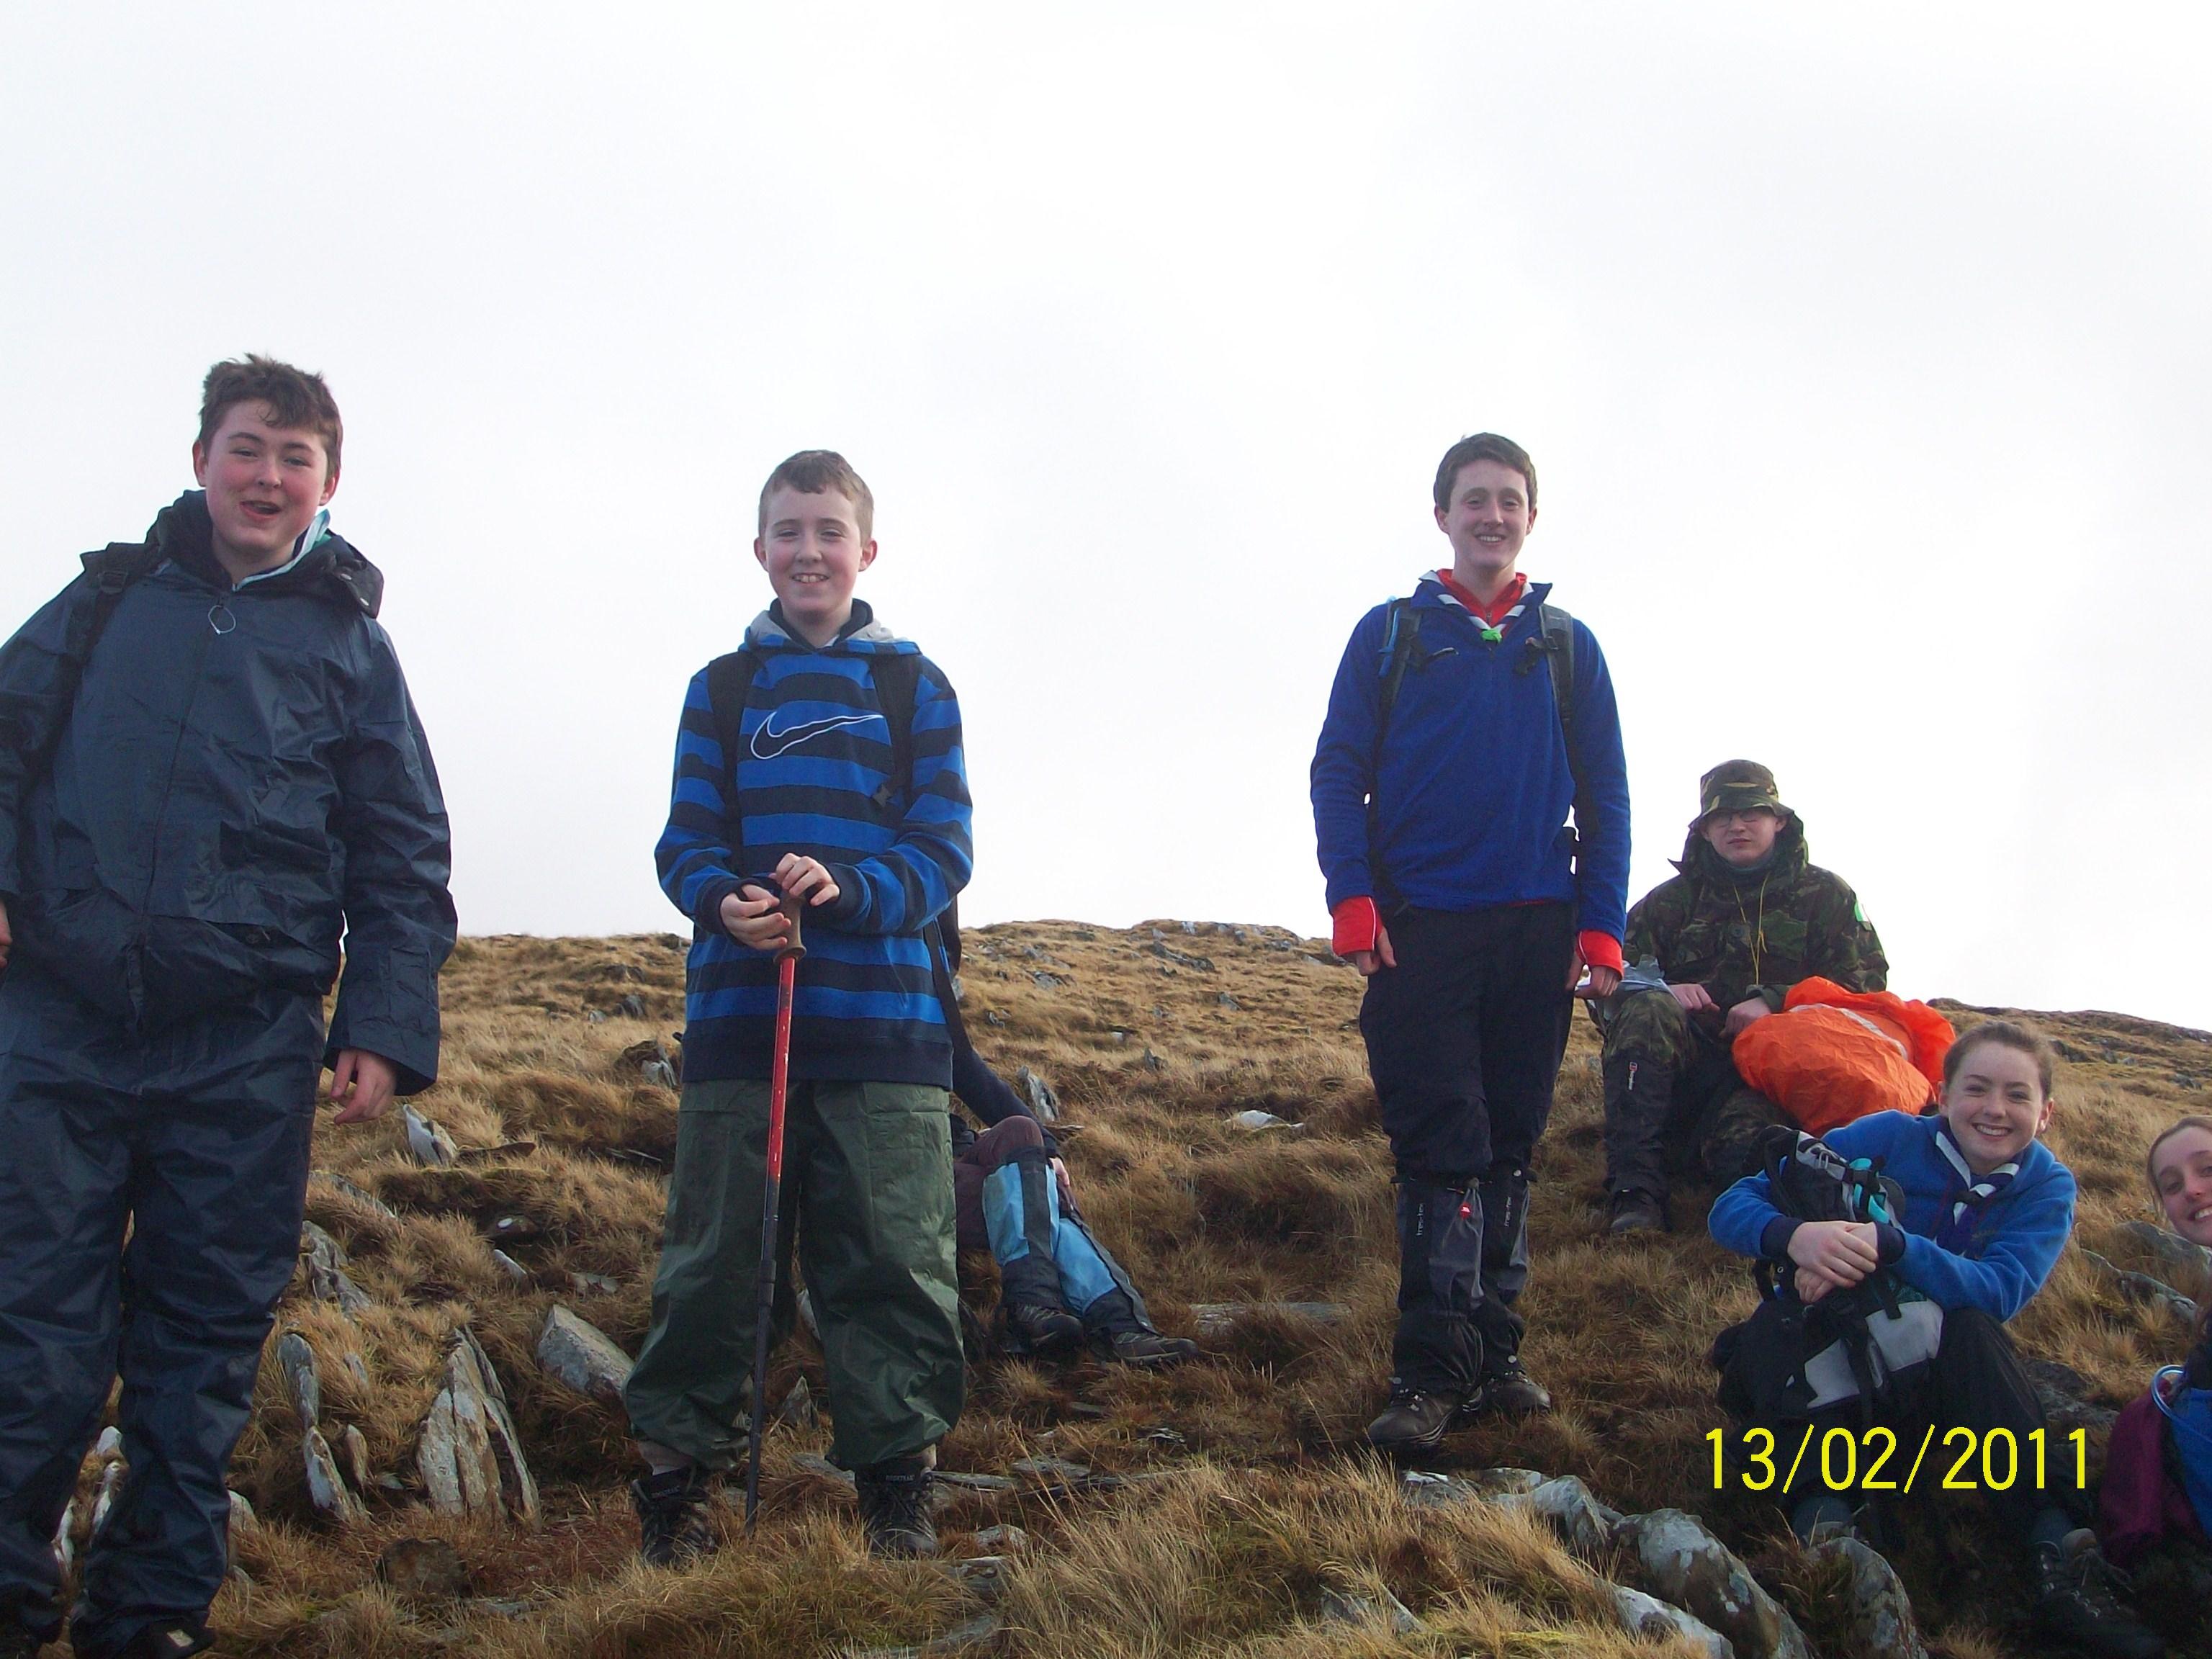 Sheefrey Hills hike 13-02-11 012